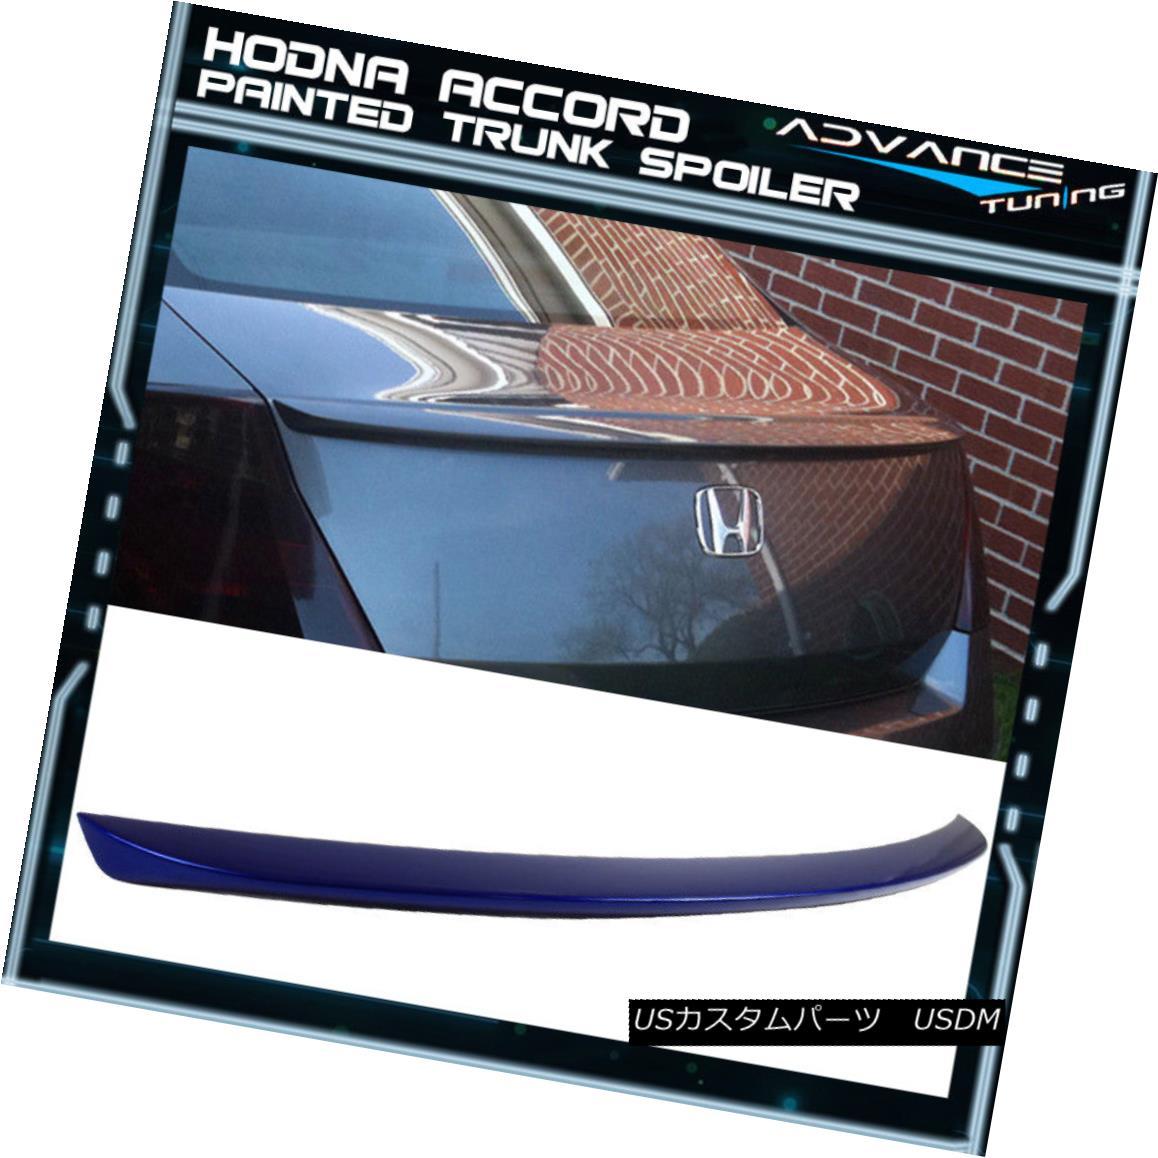 エアロパーツ 08-12 Accord Coupe OE Trunk Spoiler Painted OEM Painted #B551P Belize Blue Pearl 08-12アコードクーペOEトランクスポイラー塗装OEM塗装#B551Pベリーズブルーパール